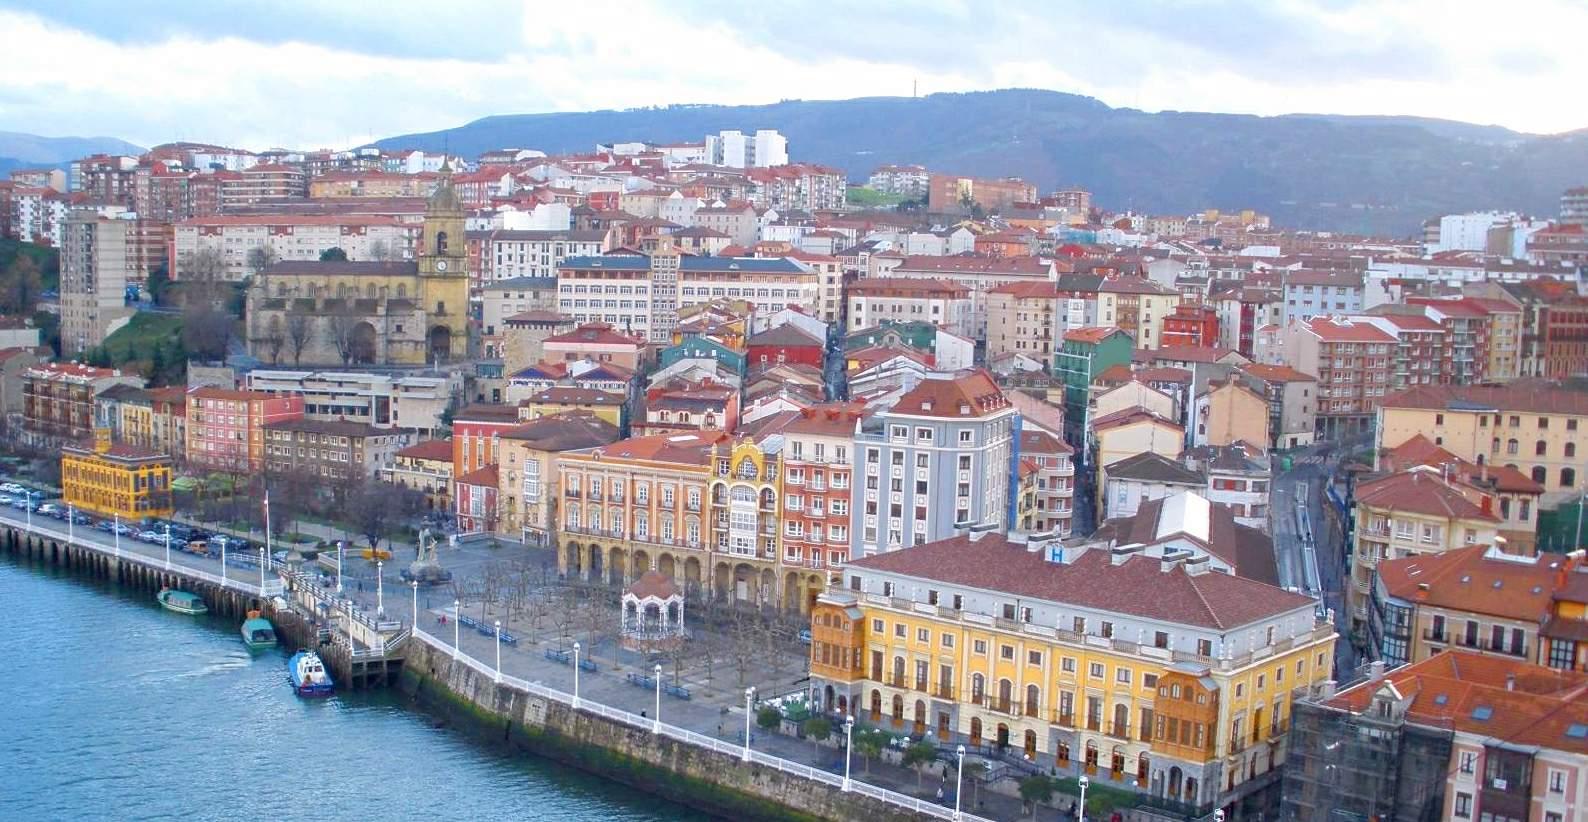 Vista de Portugalete desde el Puente de Vizcaya